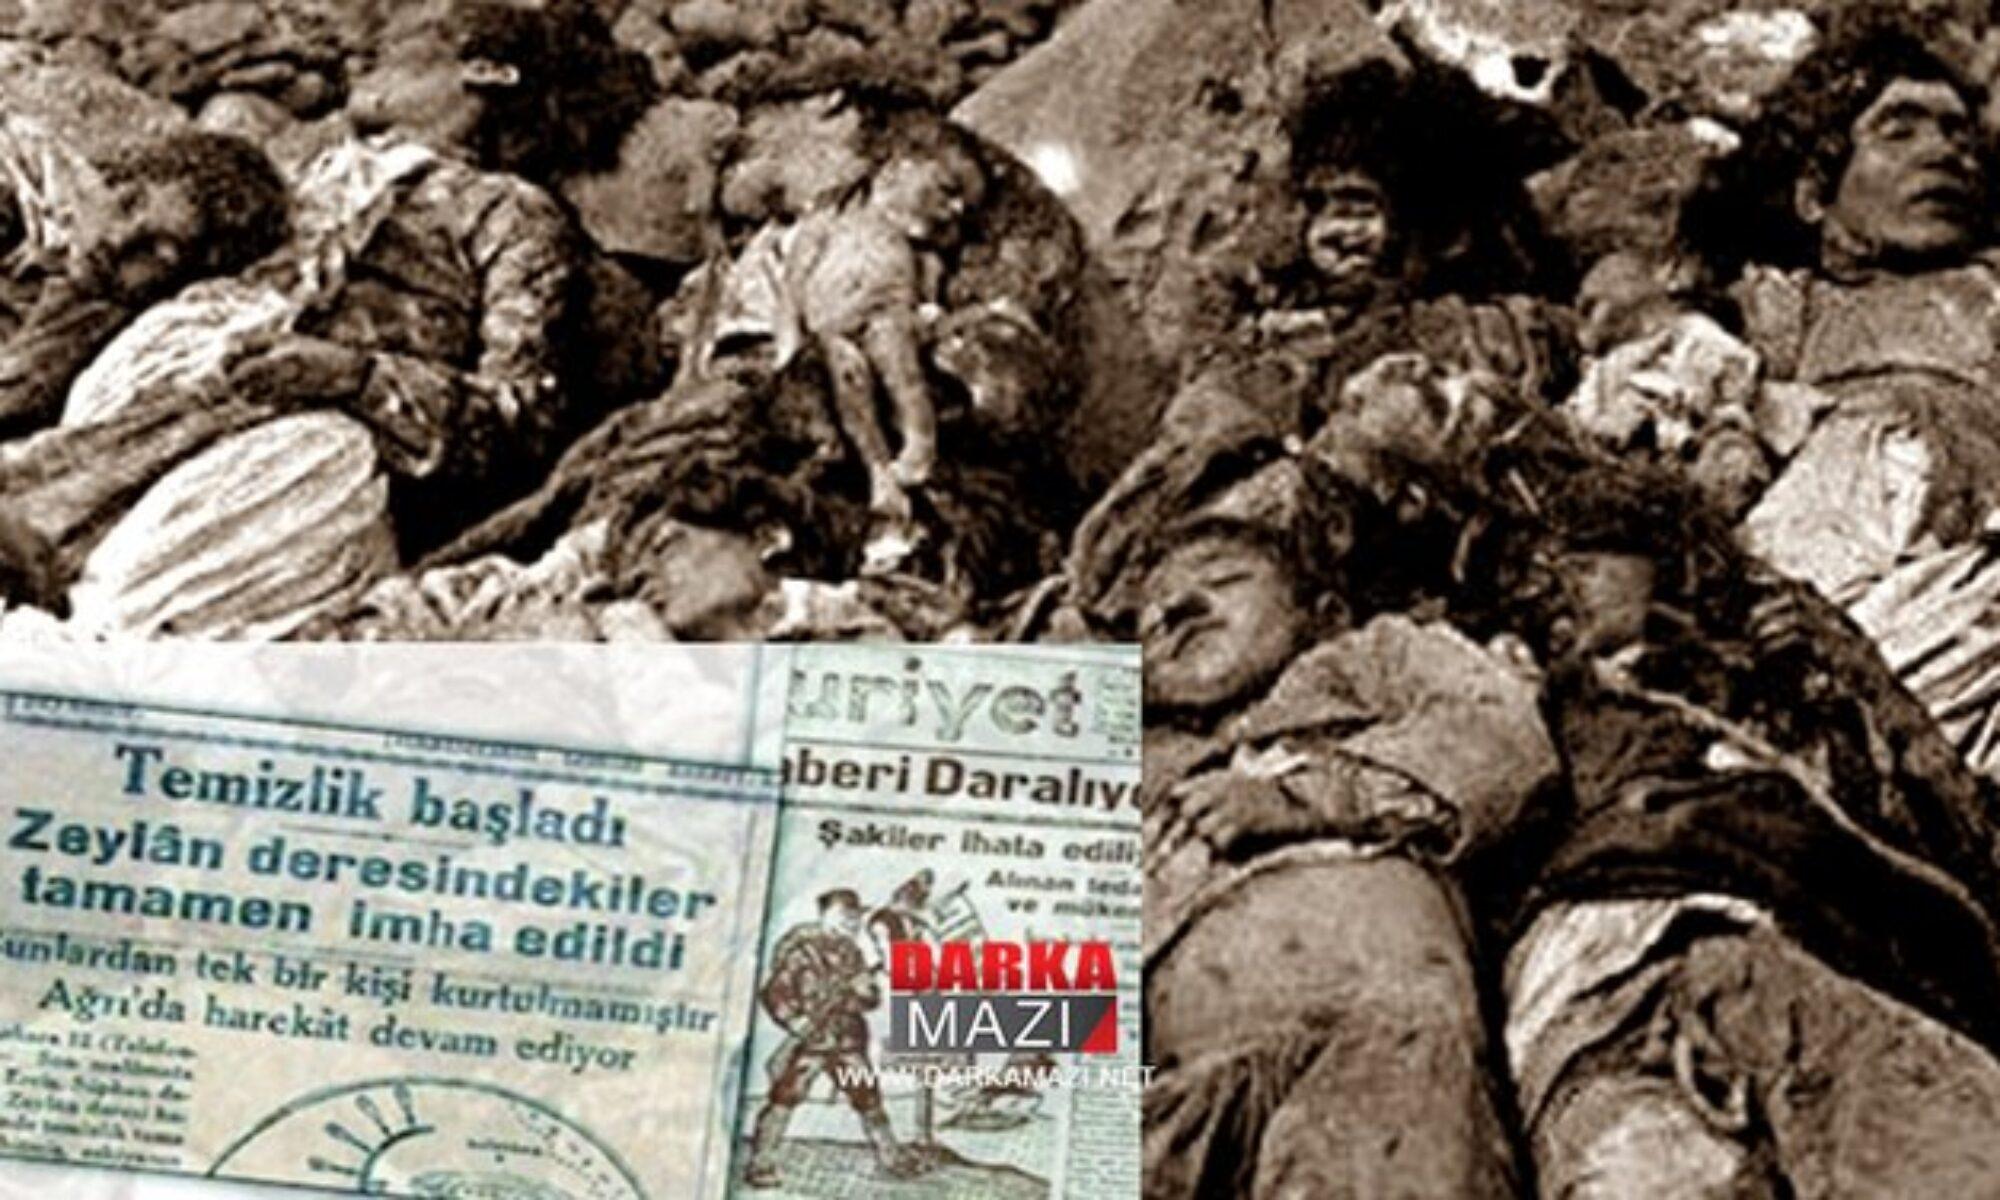 Zilan Katilamı üzerinden 91 yıl geçti Cumhuriyet GazetesiFerik Salih Omurtak komutasındaki 9. Kolordu